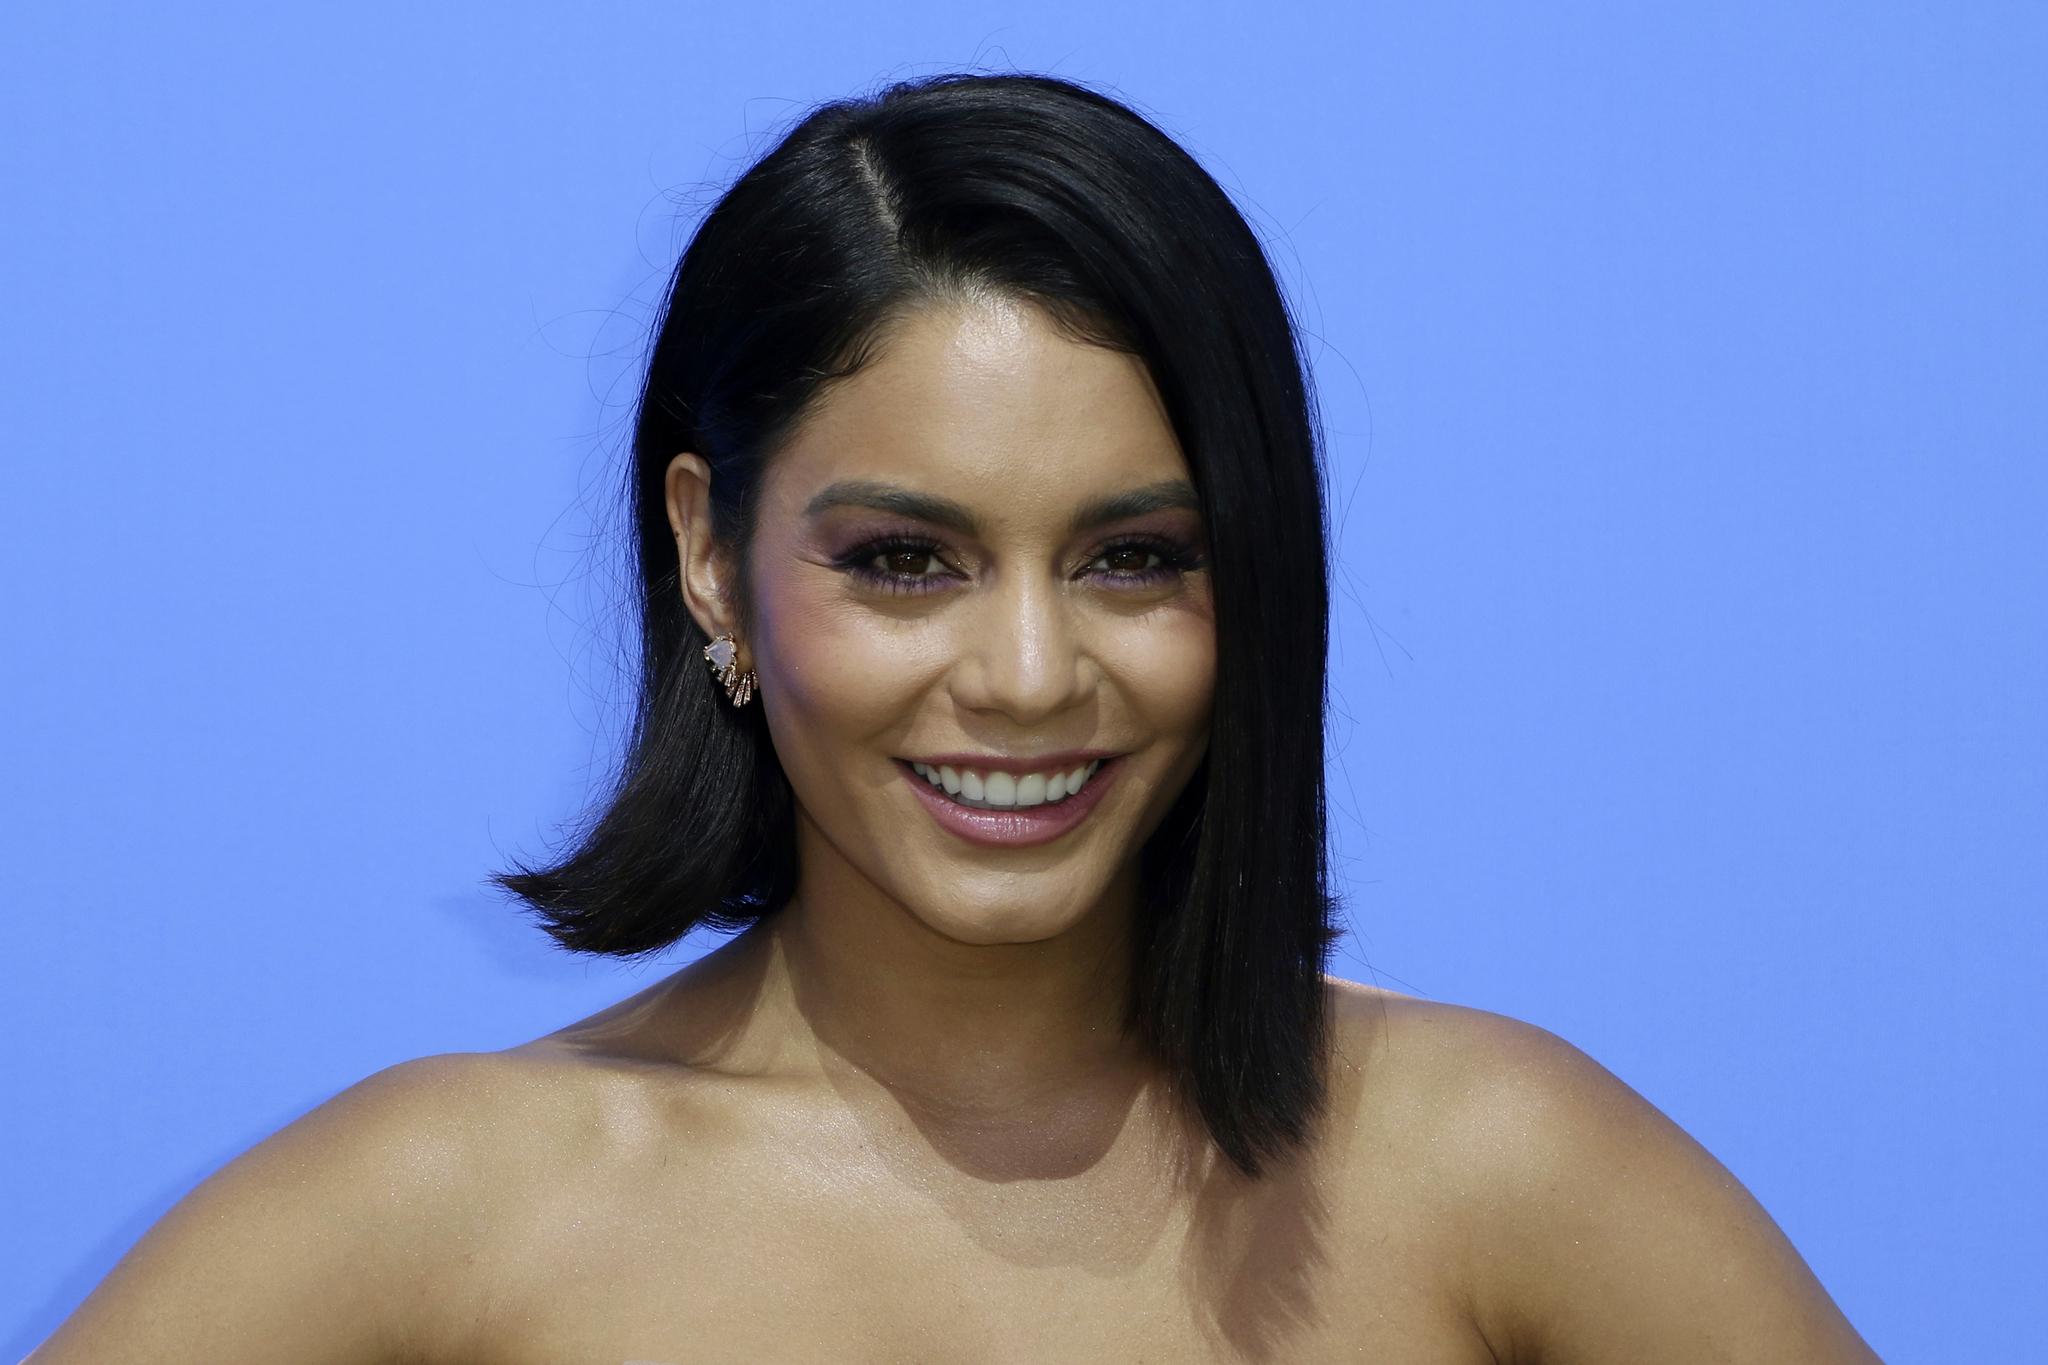 Vanessa luciendo pelo liso y raya al lado